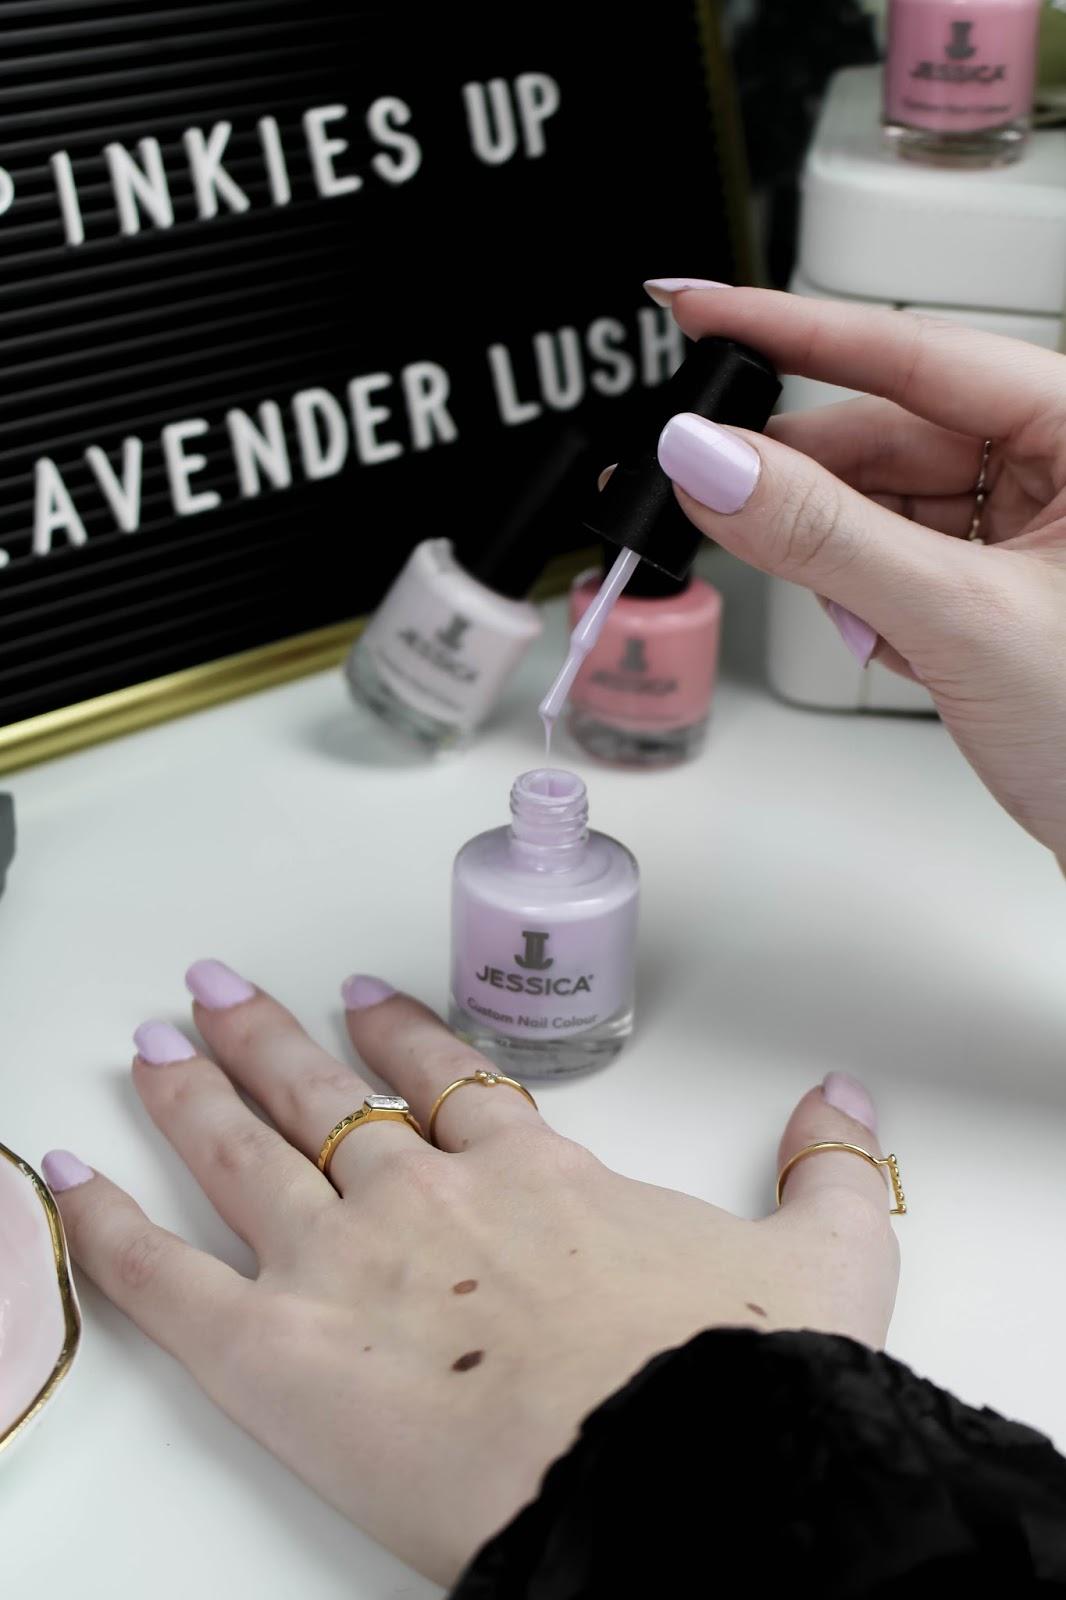 Jessica Nails La Vie en Rose Lavender Lush